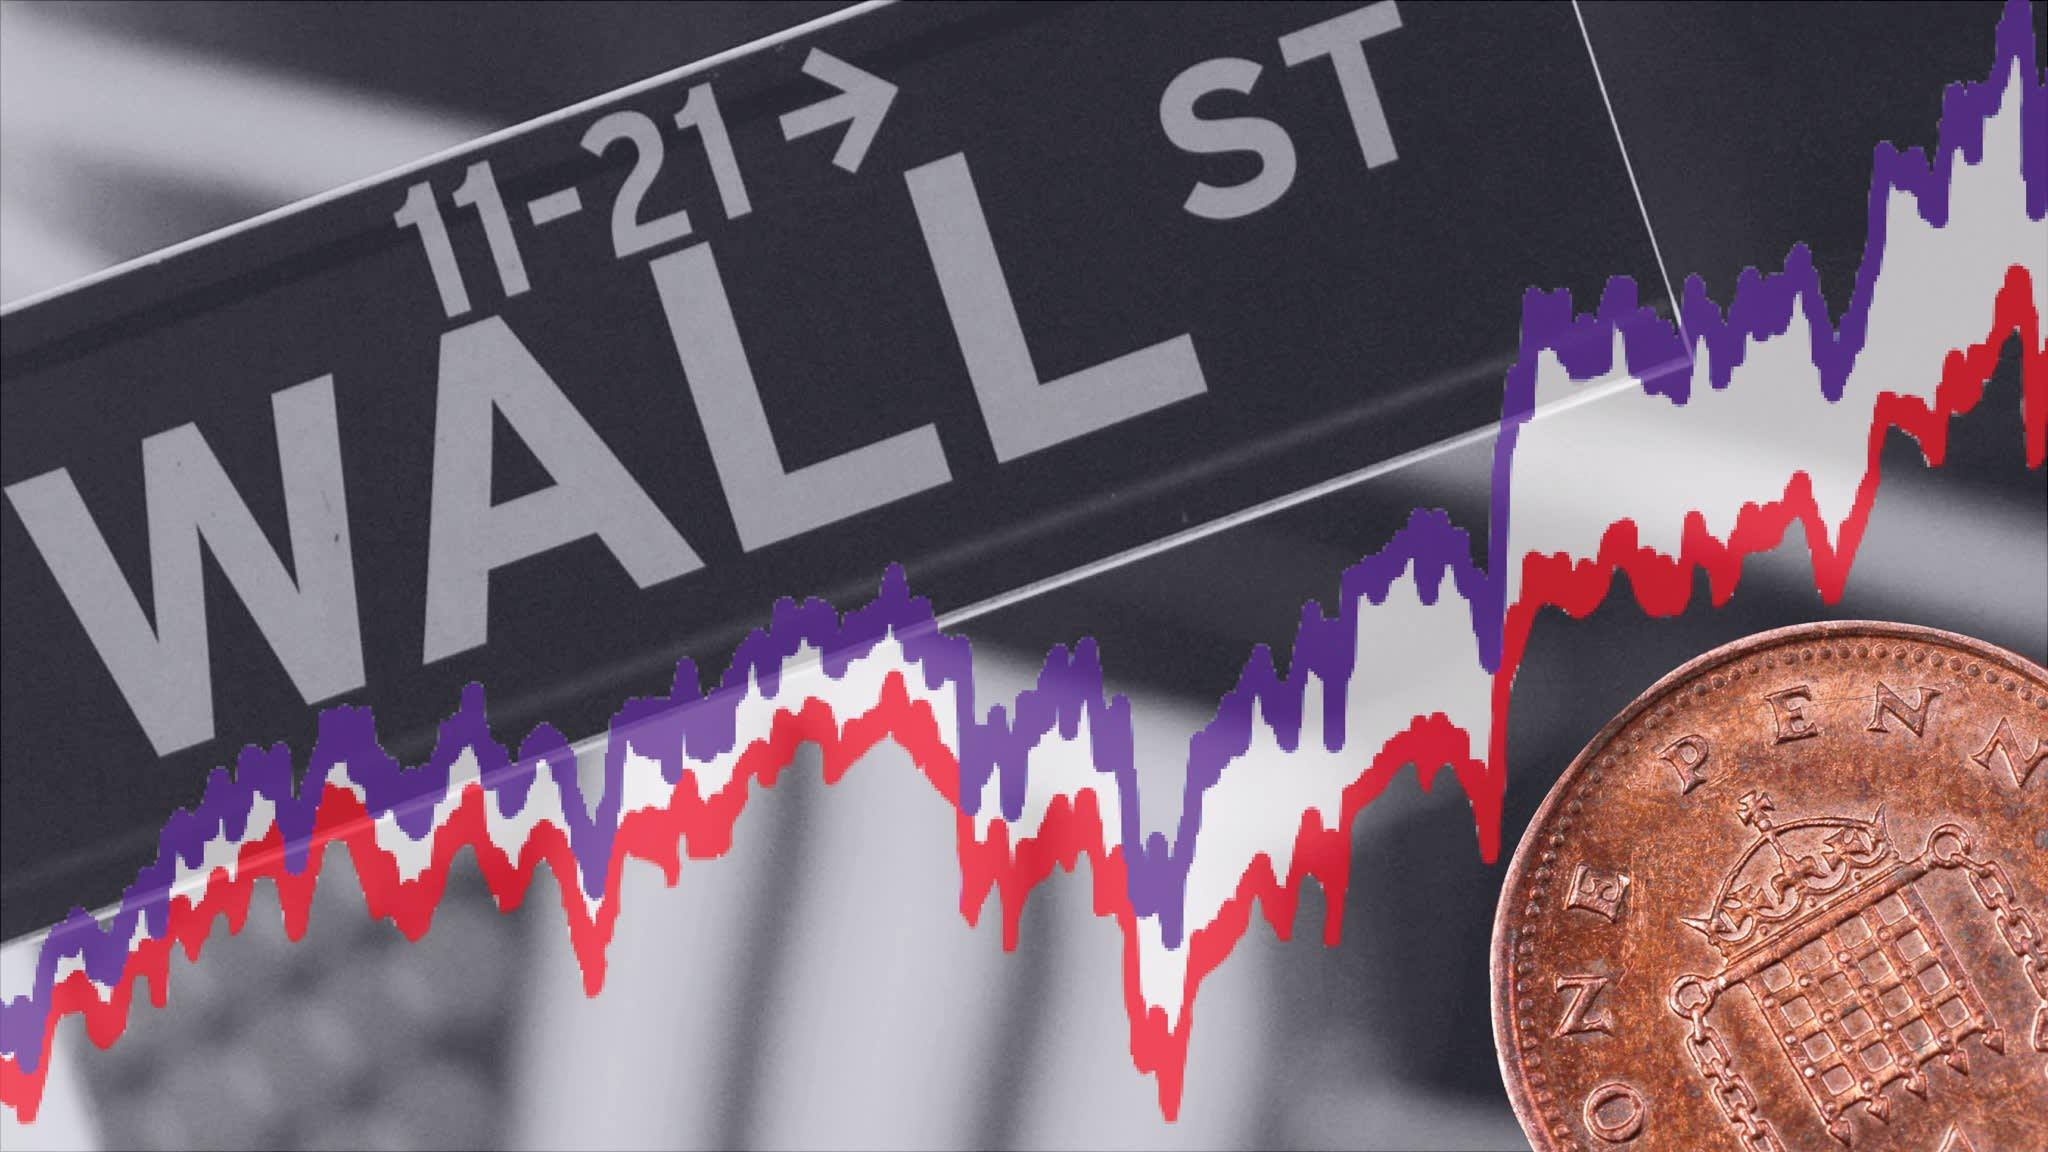 Stock rebound keeps momentum as earnings reassure